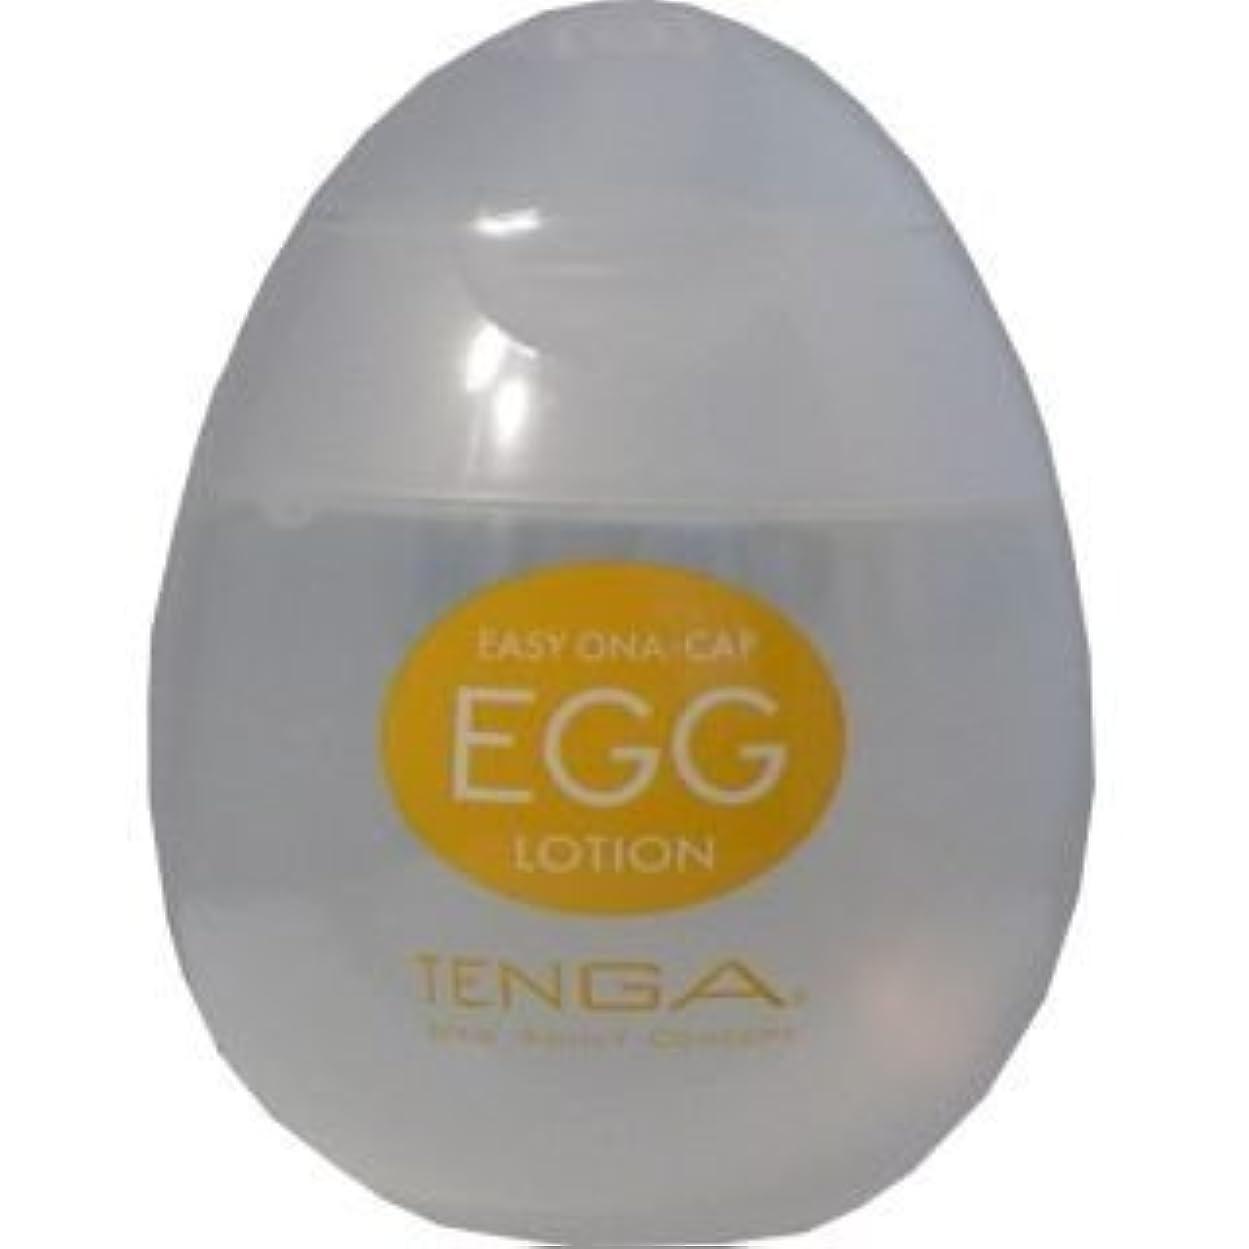 輝く慢東方保湿成分配合で潤い長持ち!TENGA(テンガ) EGG LOTION(エッグローション) EGGL-001【4個セット】